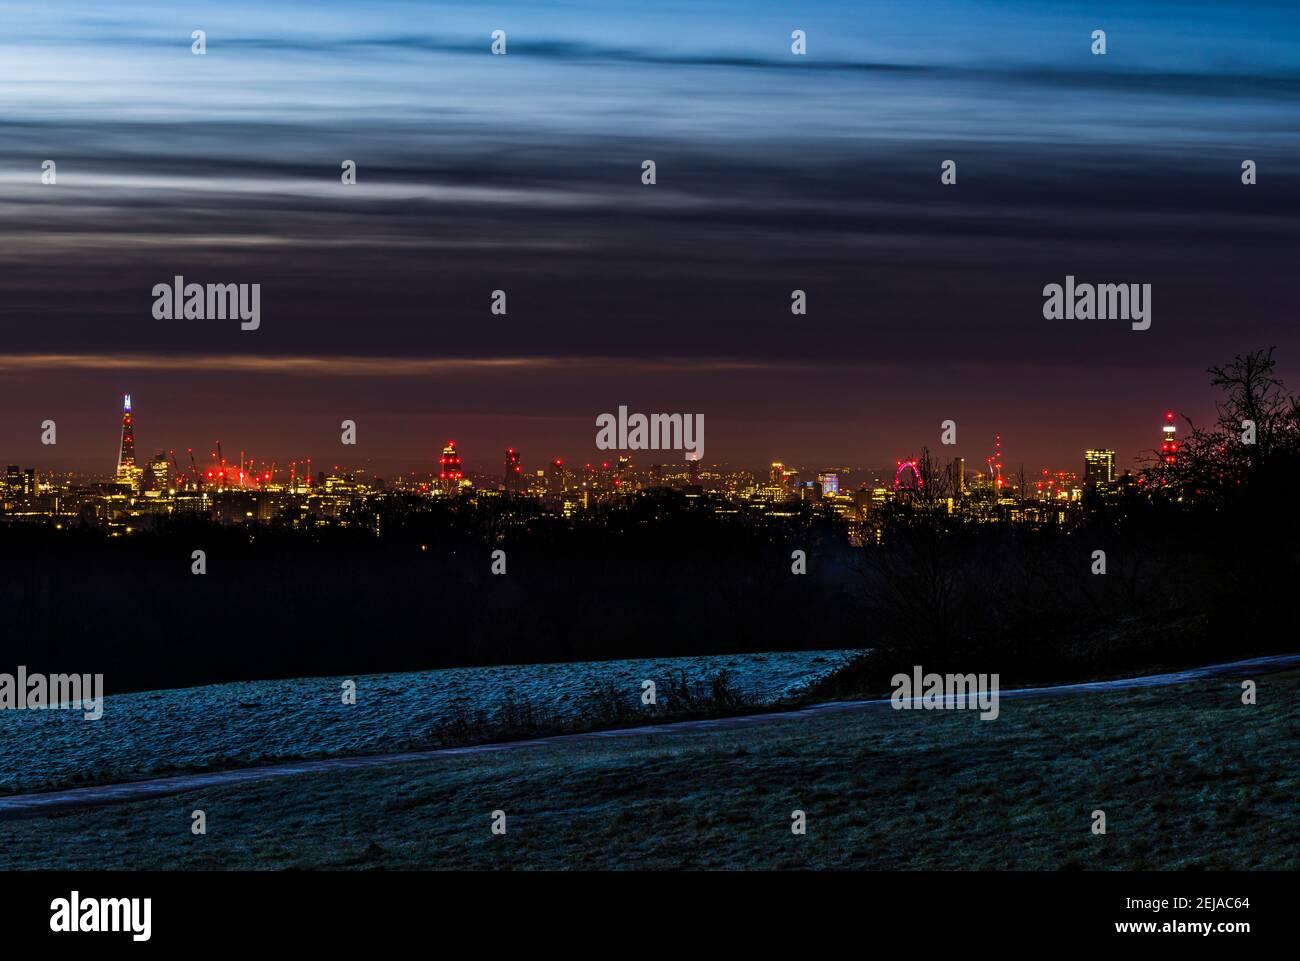 Vista panorámica del horizonte de Londres desde el Shard hasta la Torre BT, tomada al amanecer desde Hampstead Heath, Londres, Reino Unido Foto de stock